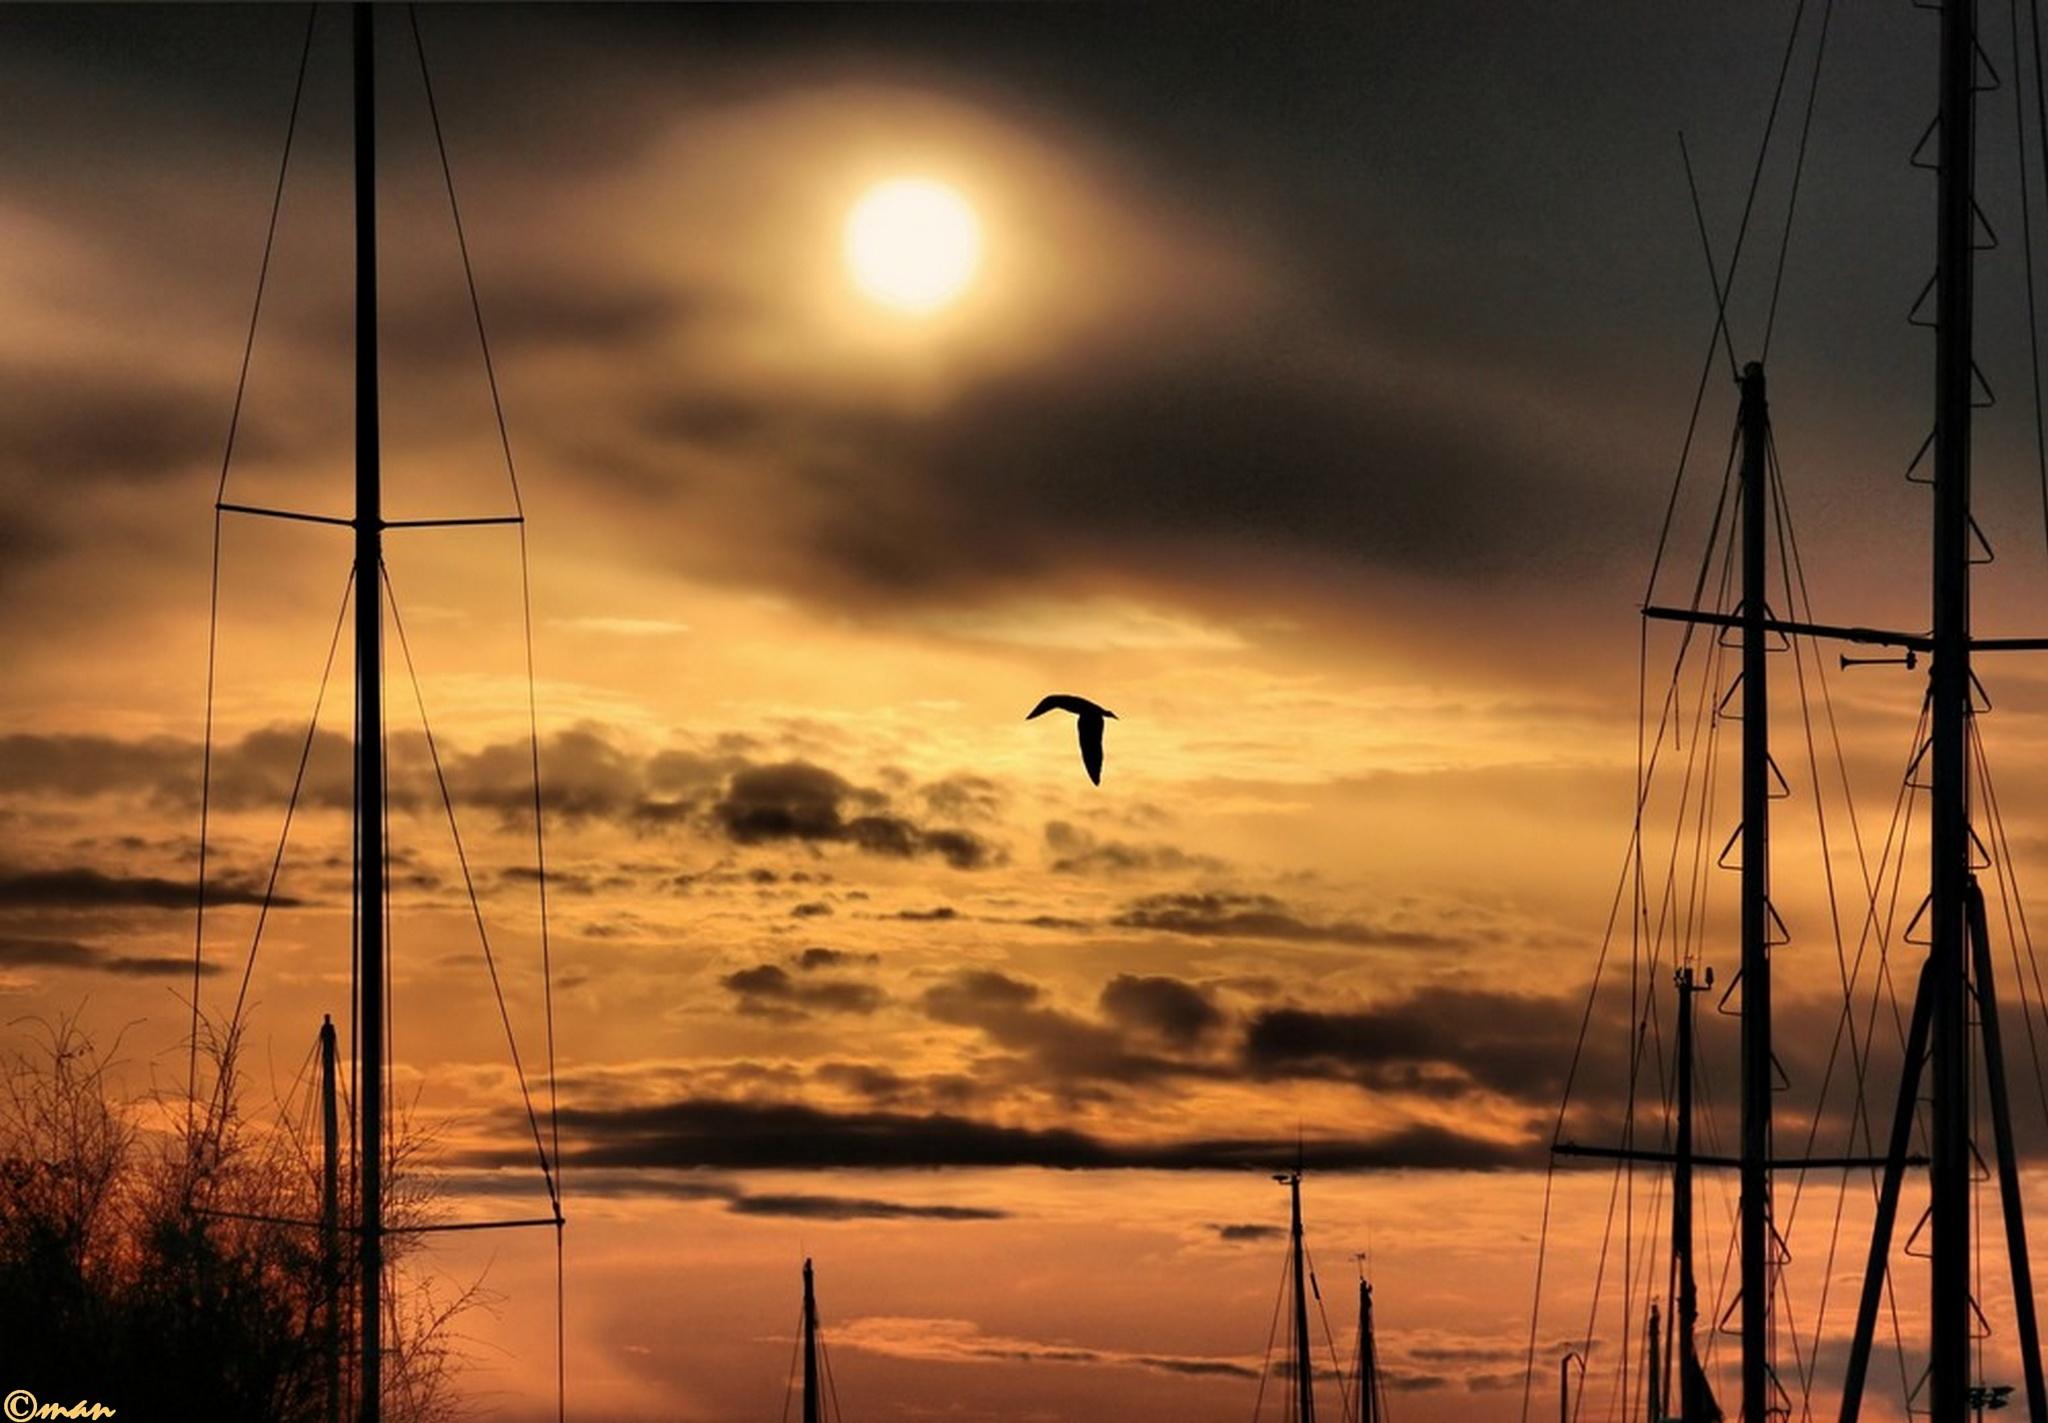 illusioni al tramonto by Mariano Arizzi Novelli